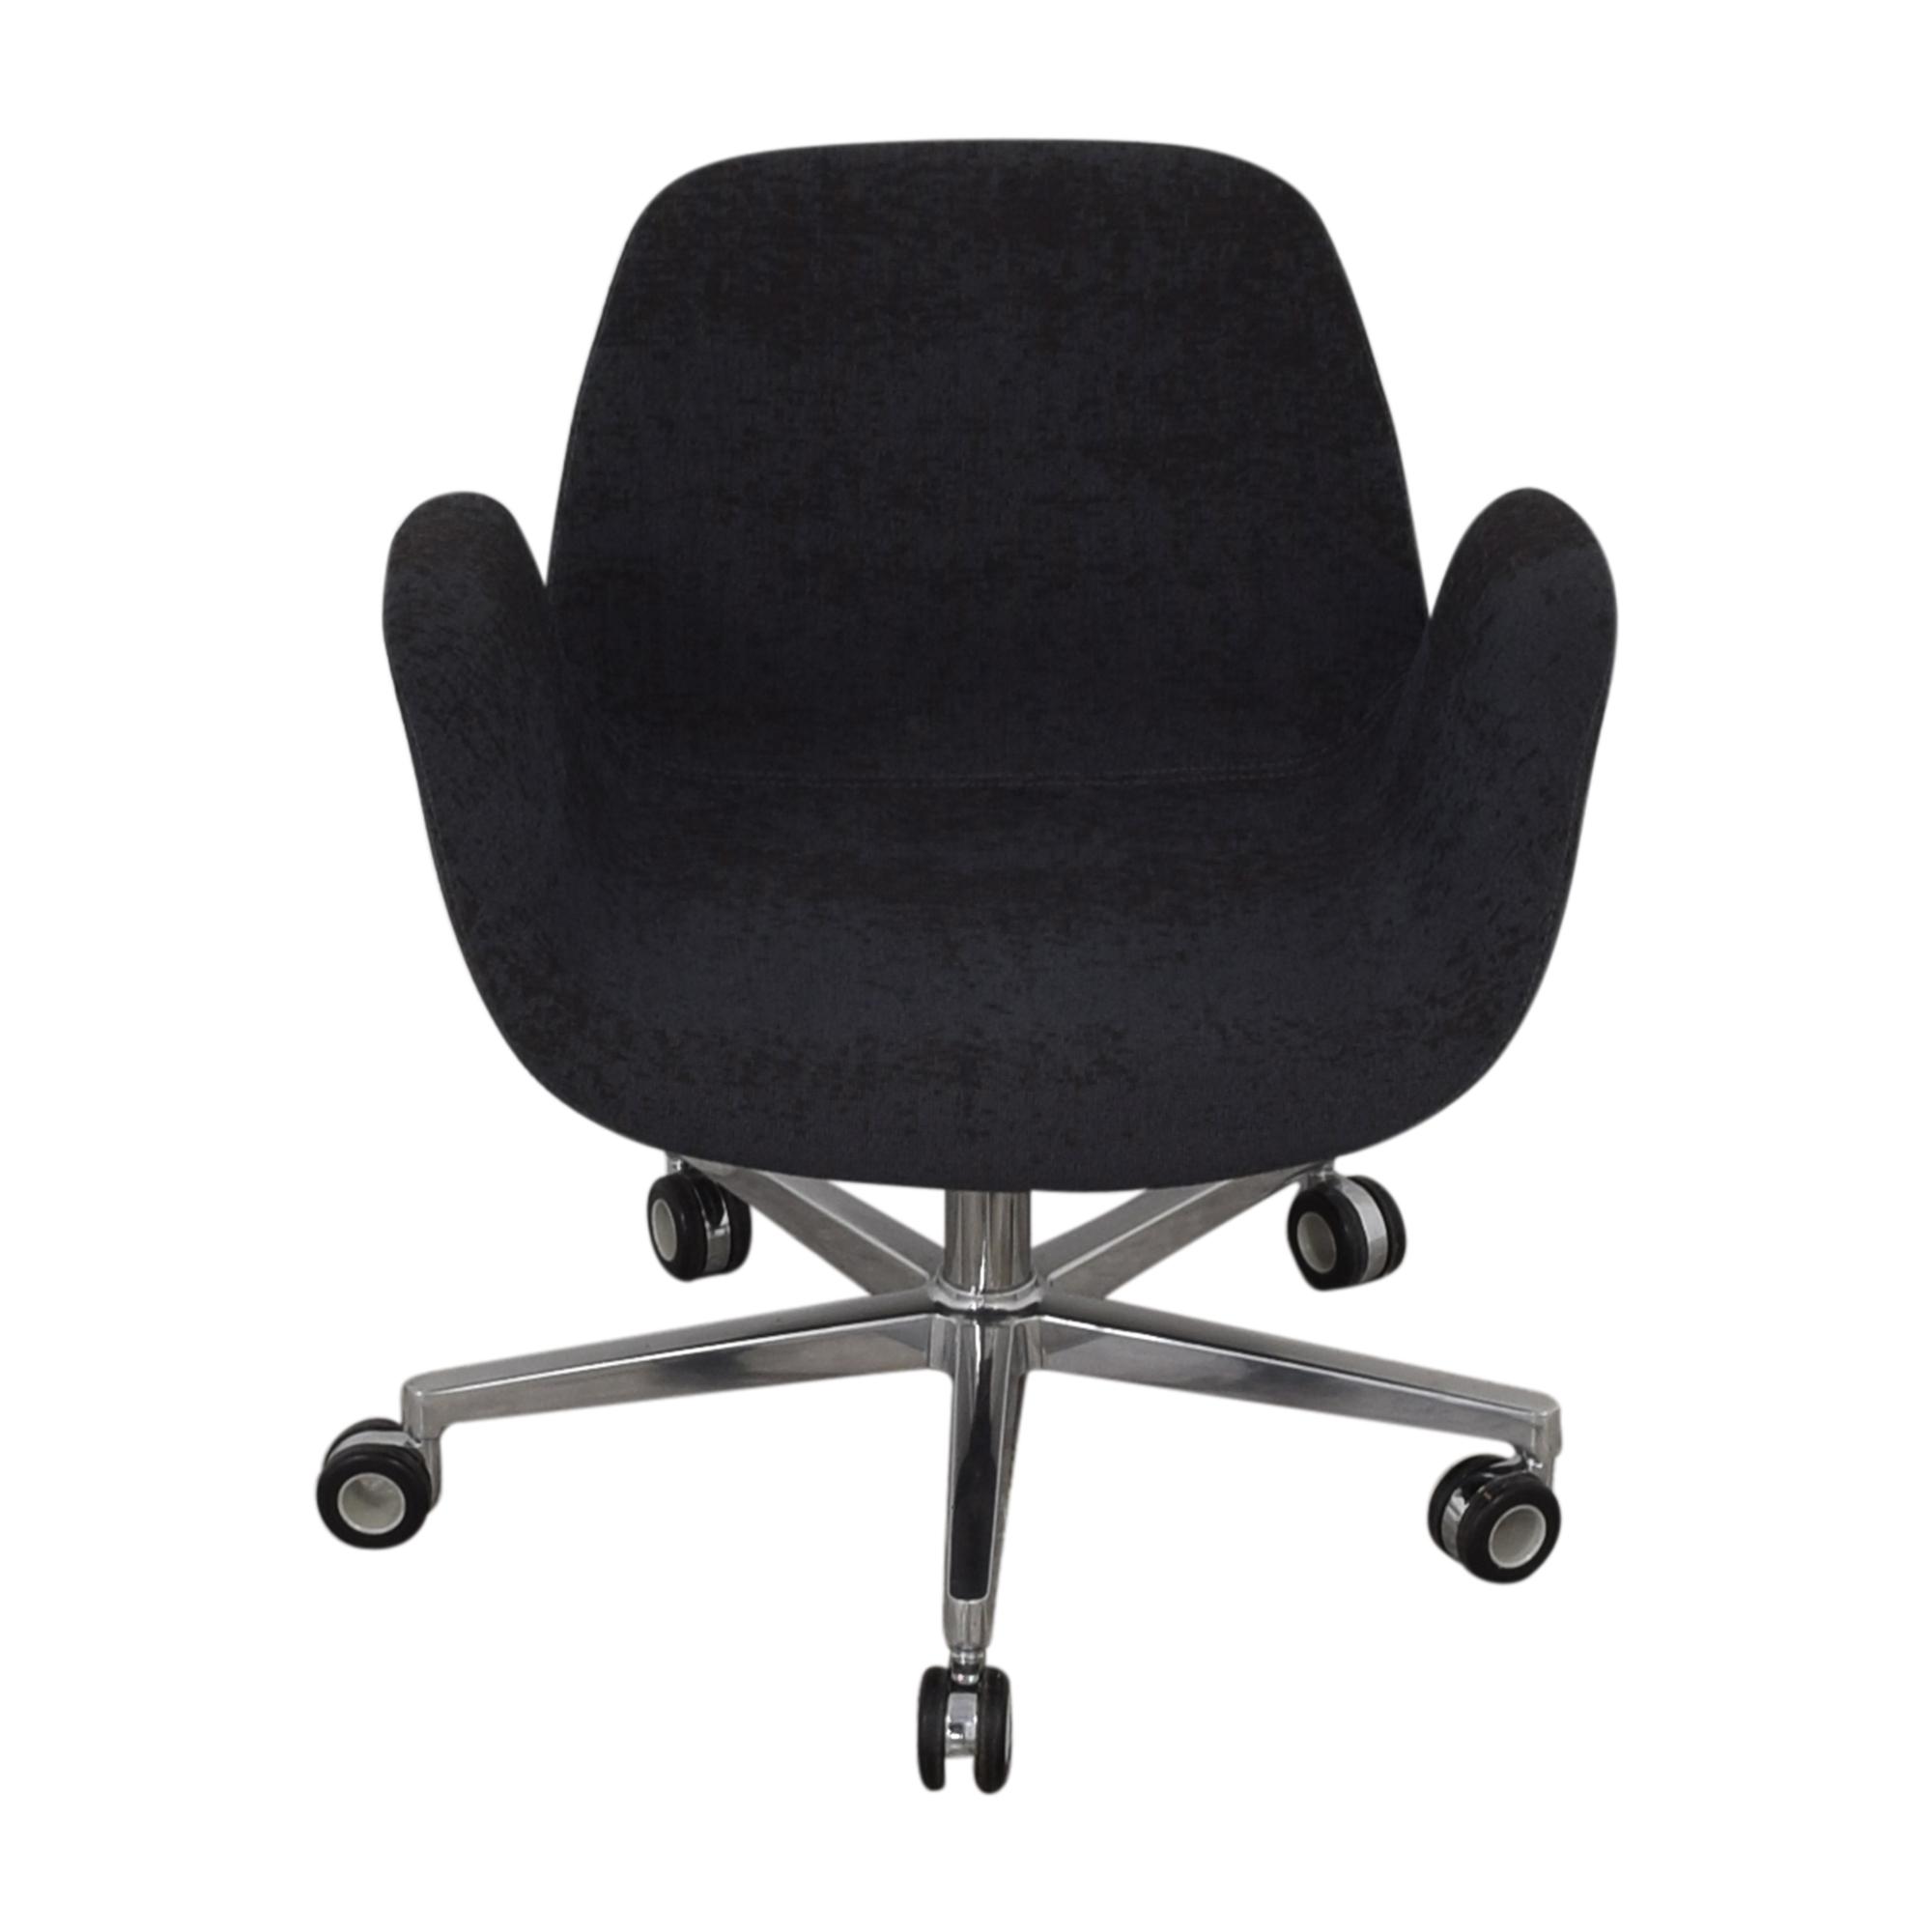 Koleksiyon Koleksiyon Halia Operator Chair Chairs